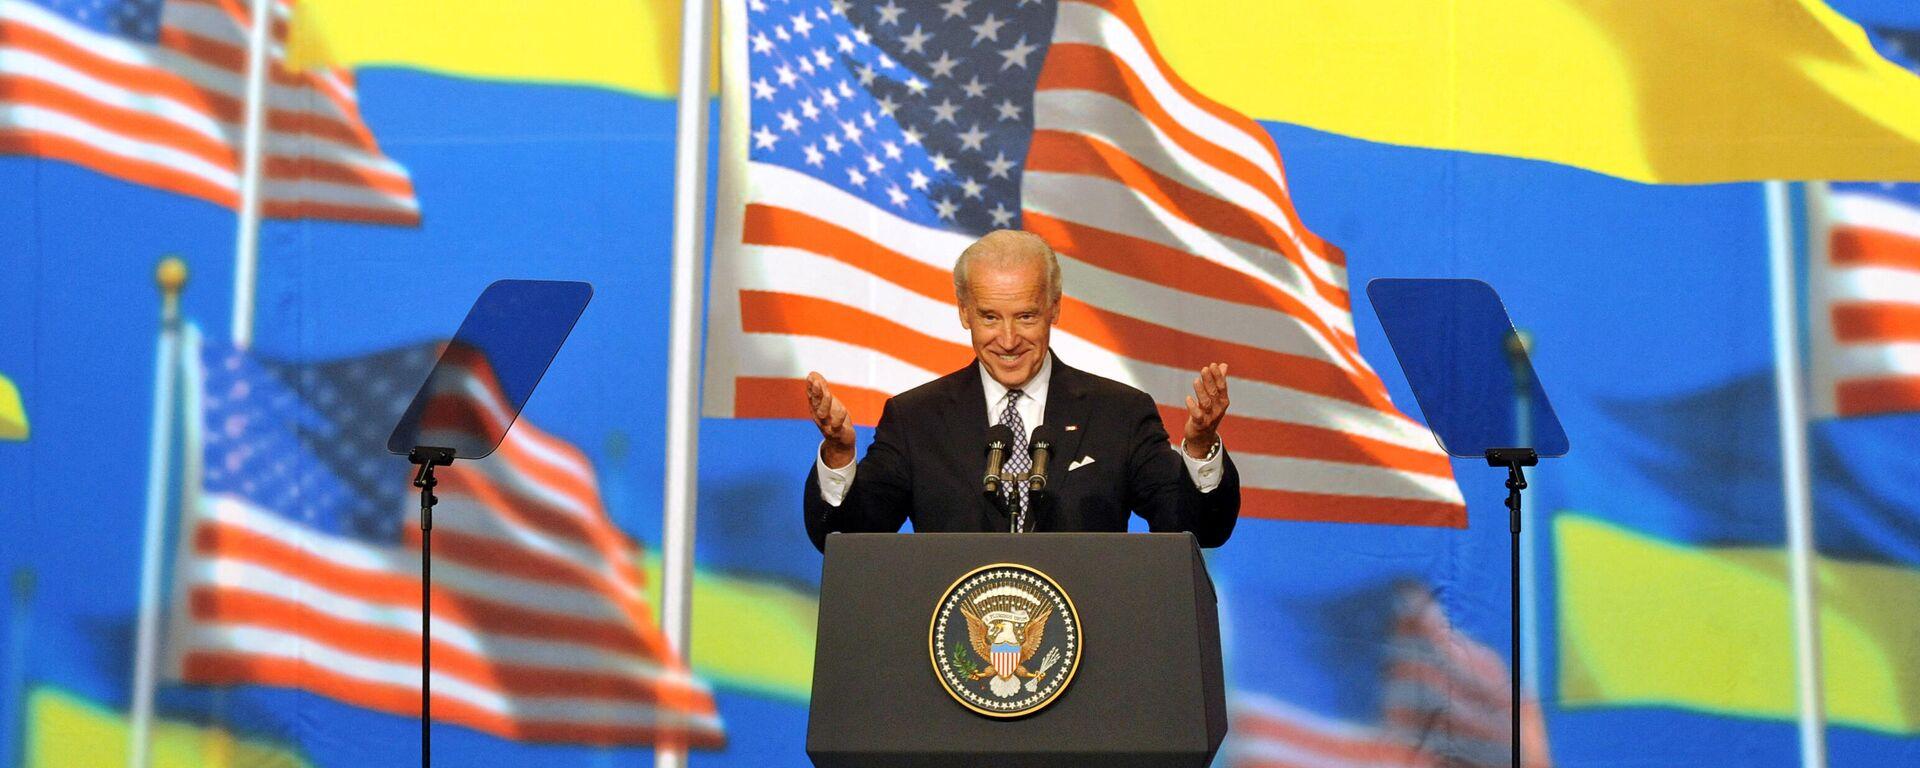 Джо Байден приветствует жителей Киева, Украина. 22 июля 2009 года - Sputnik Узбекистан, 1920, 06.04.2021